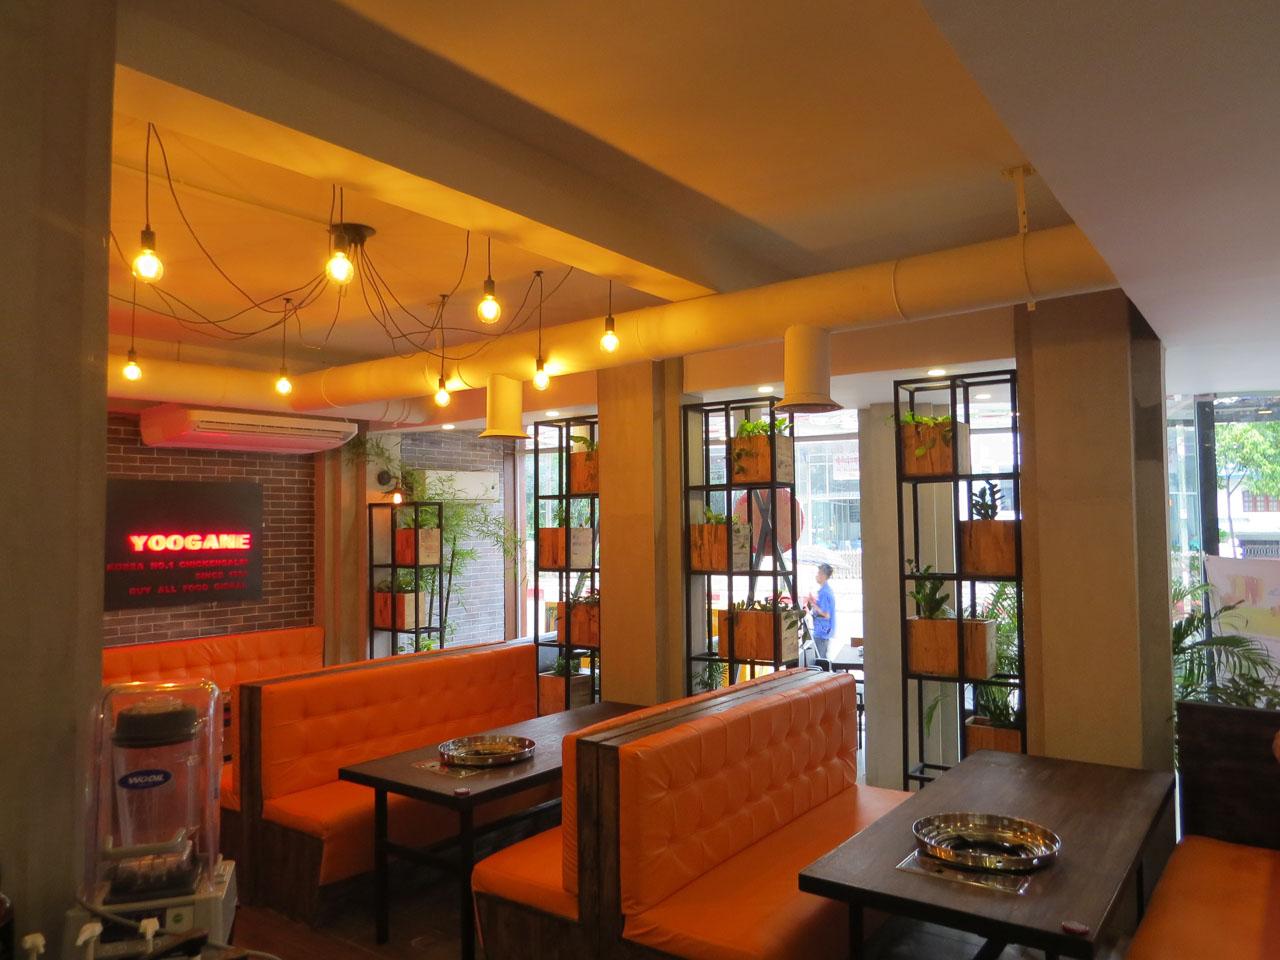 Yoogane-Korea-8-miles-yangon-myanmar-mopa-designs-restaurant